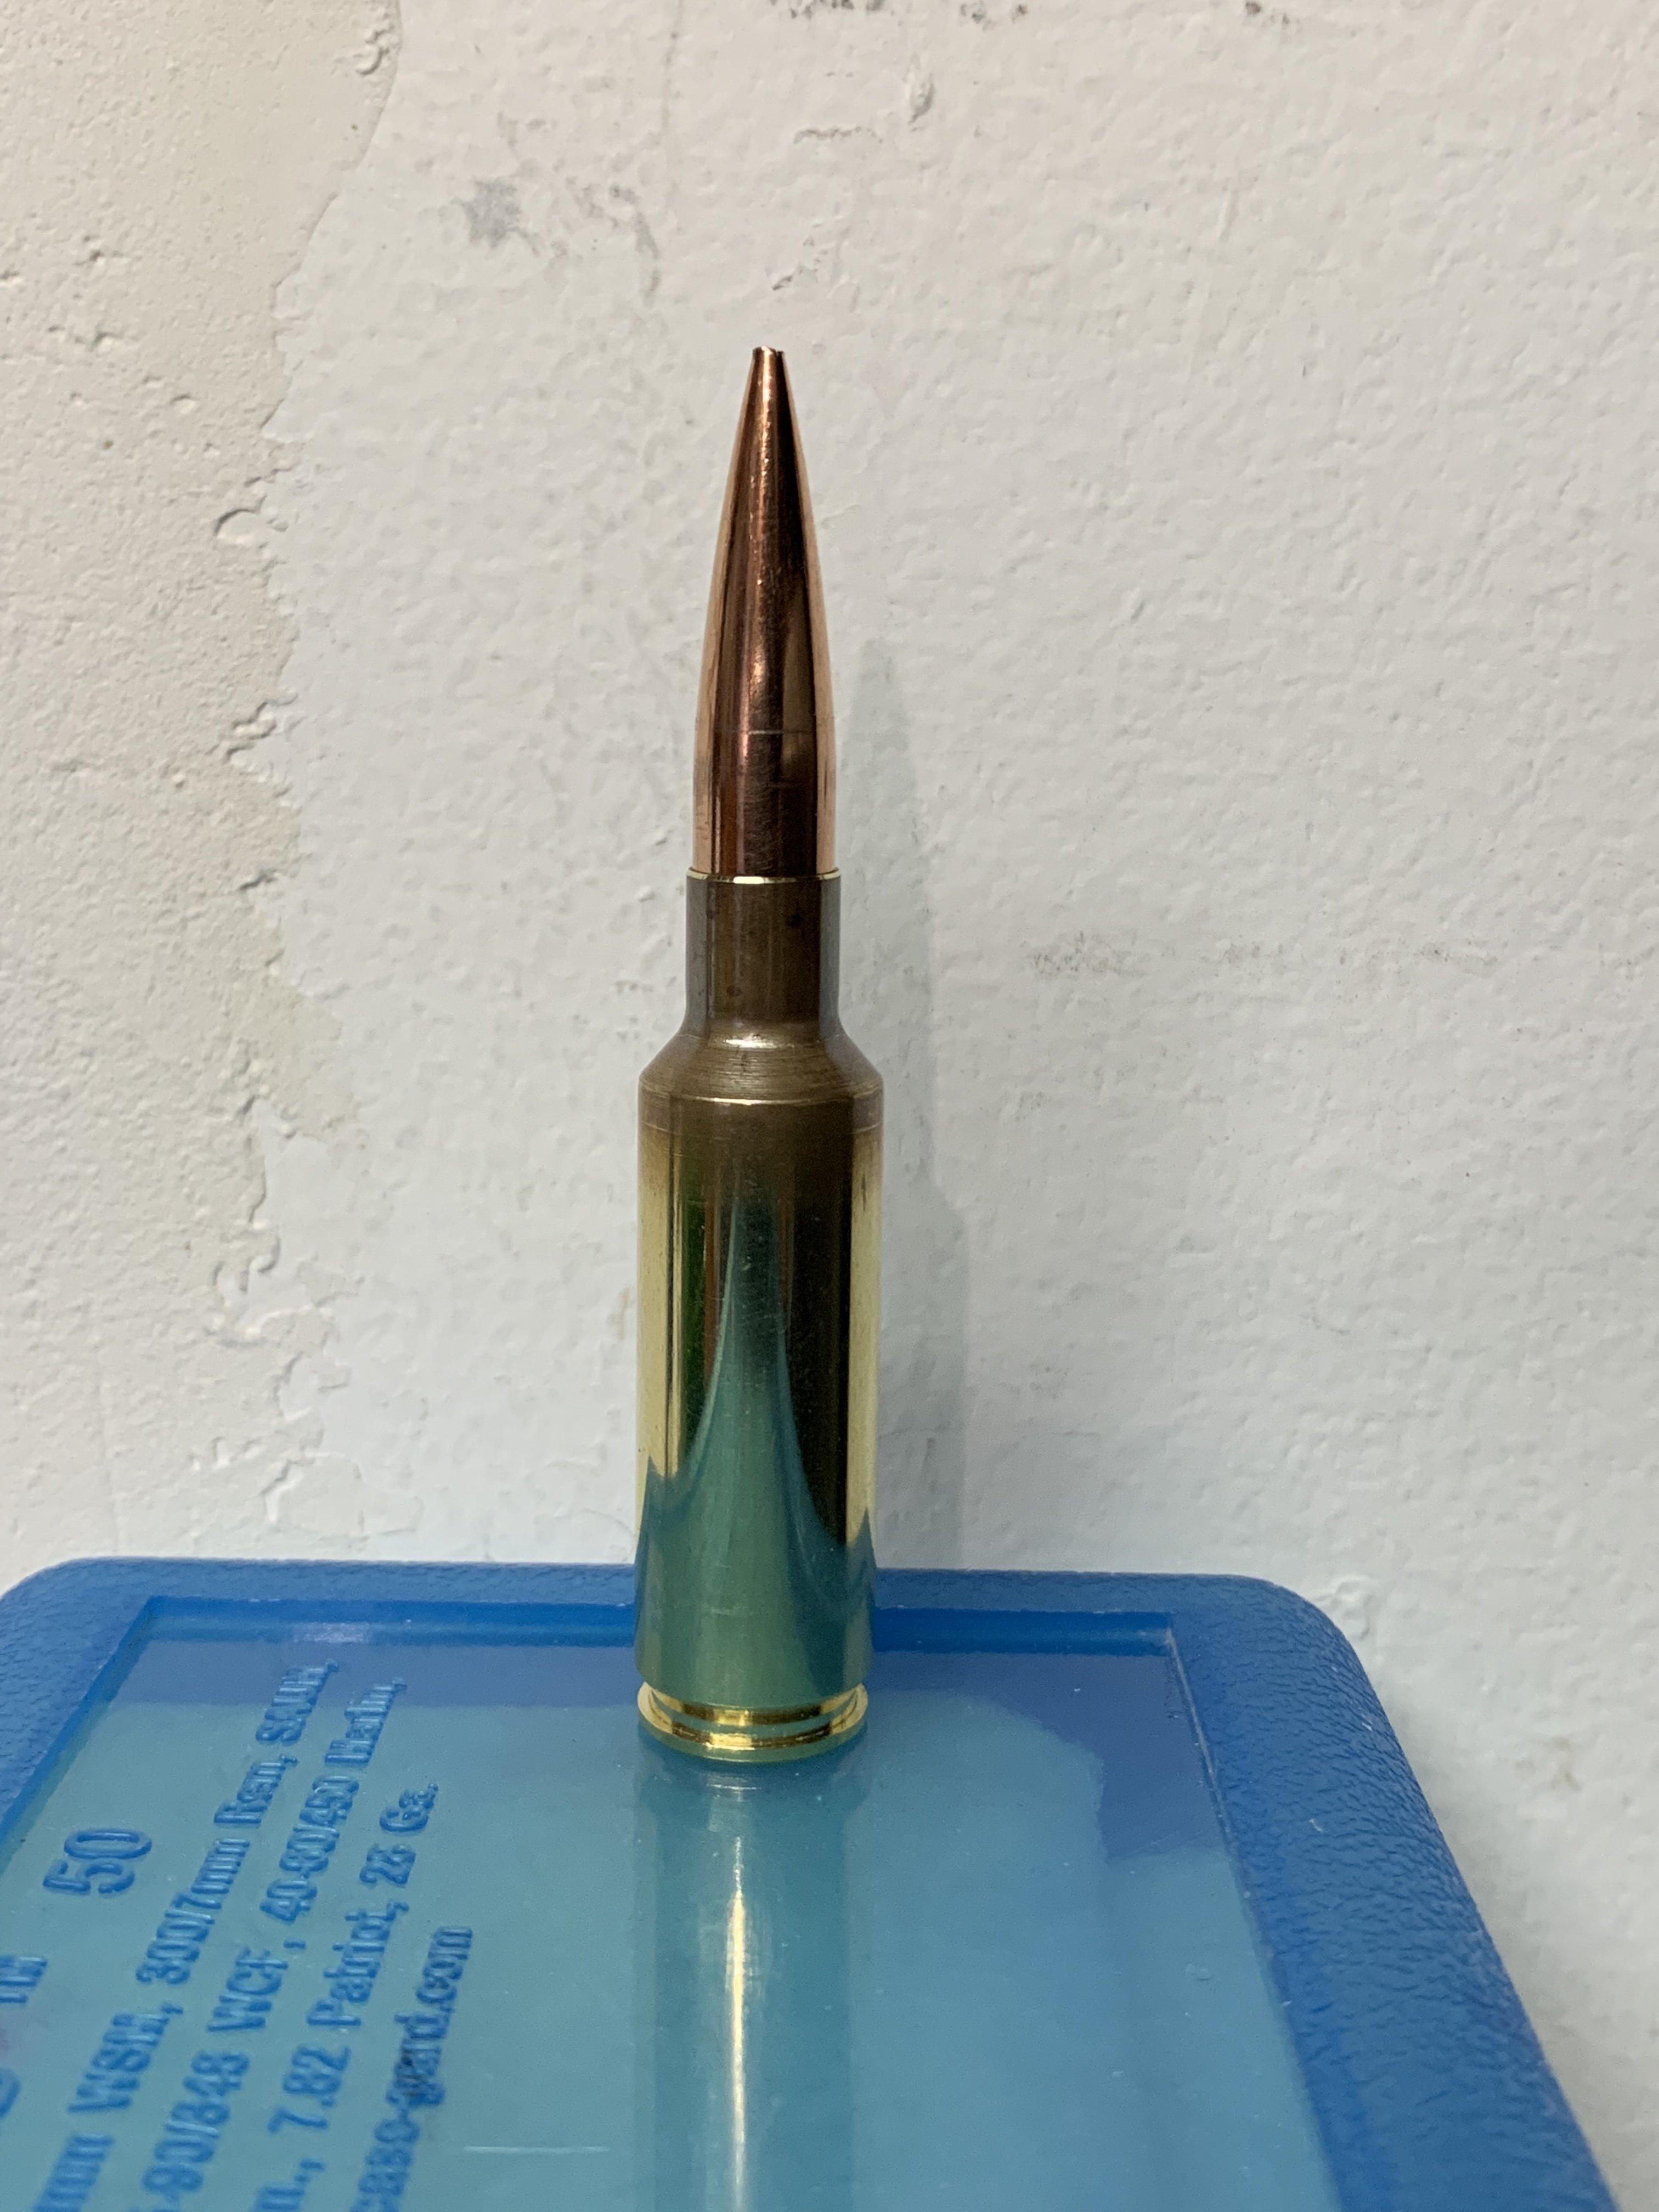 C2B71BA0-1A3F-4B14-AC70-517FB6540CC9.jpeg